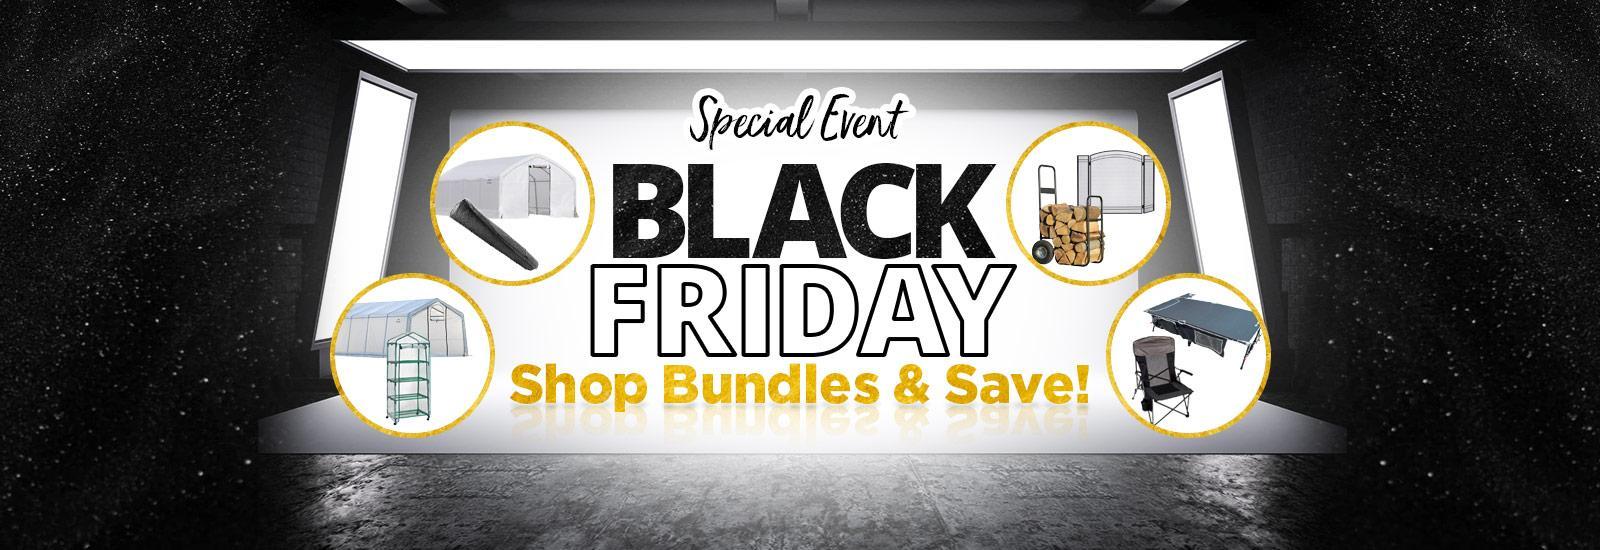 Black Friday - Shop Bundles and Save